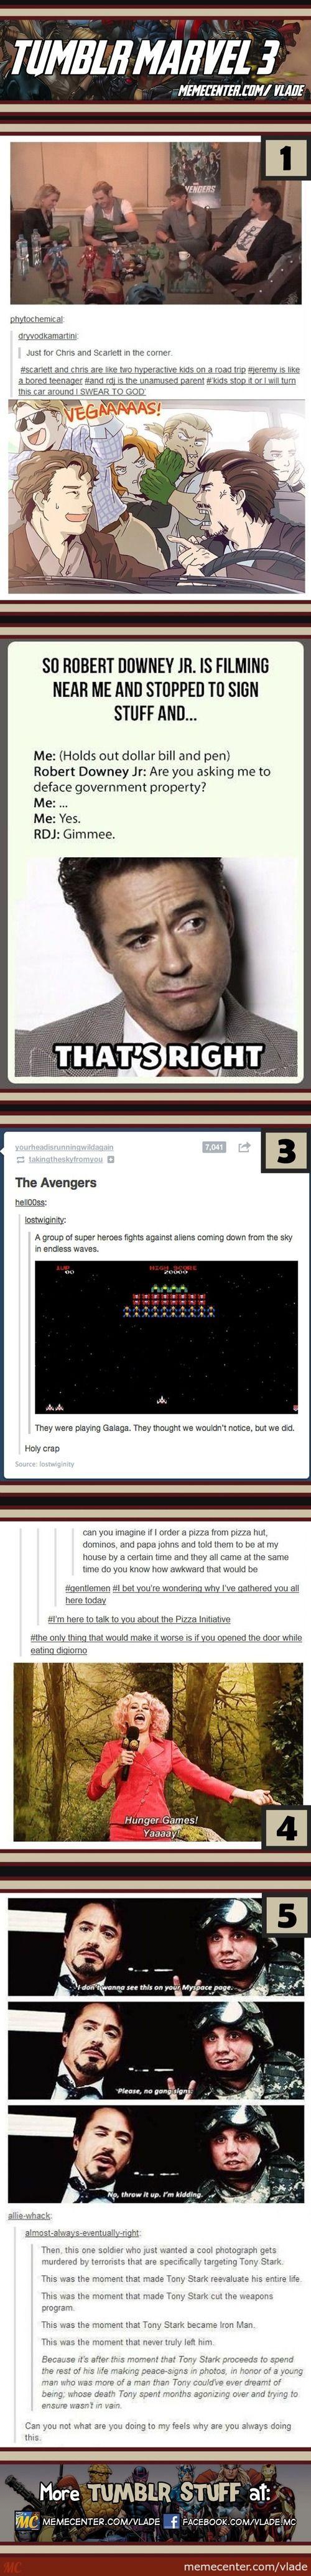 Tumblr Marvel #3  #5.... The feels.....